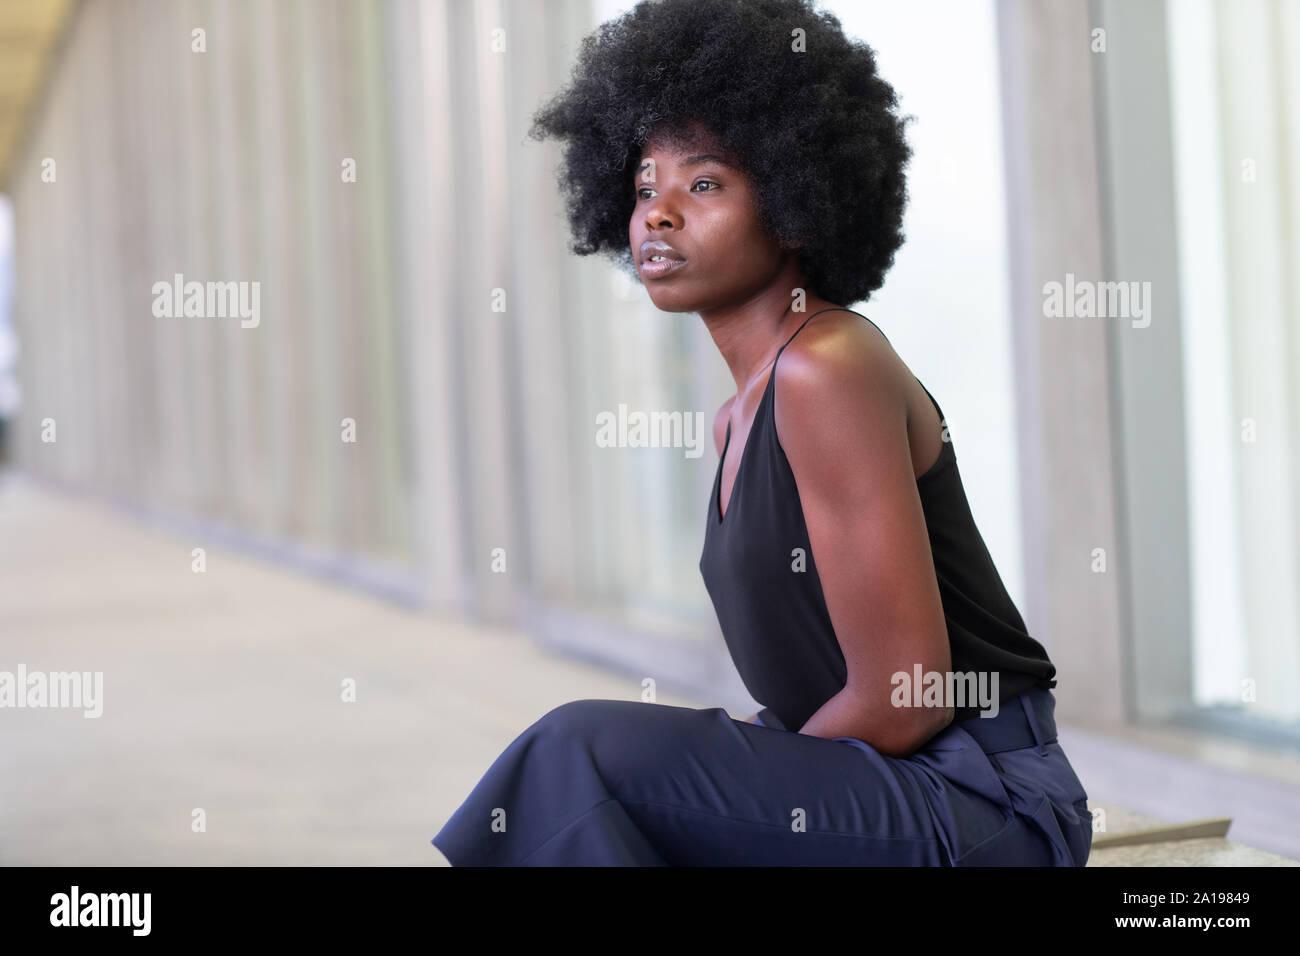 Hübsche junge afrikanische Frau in den Straßen der Stadt, auf der Bank sitzen Stockfoto